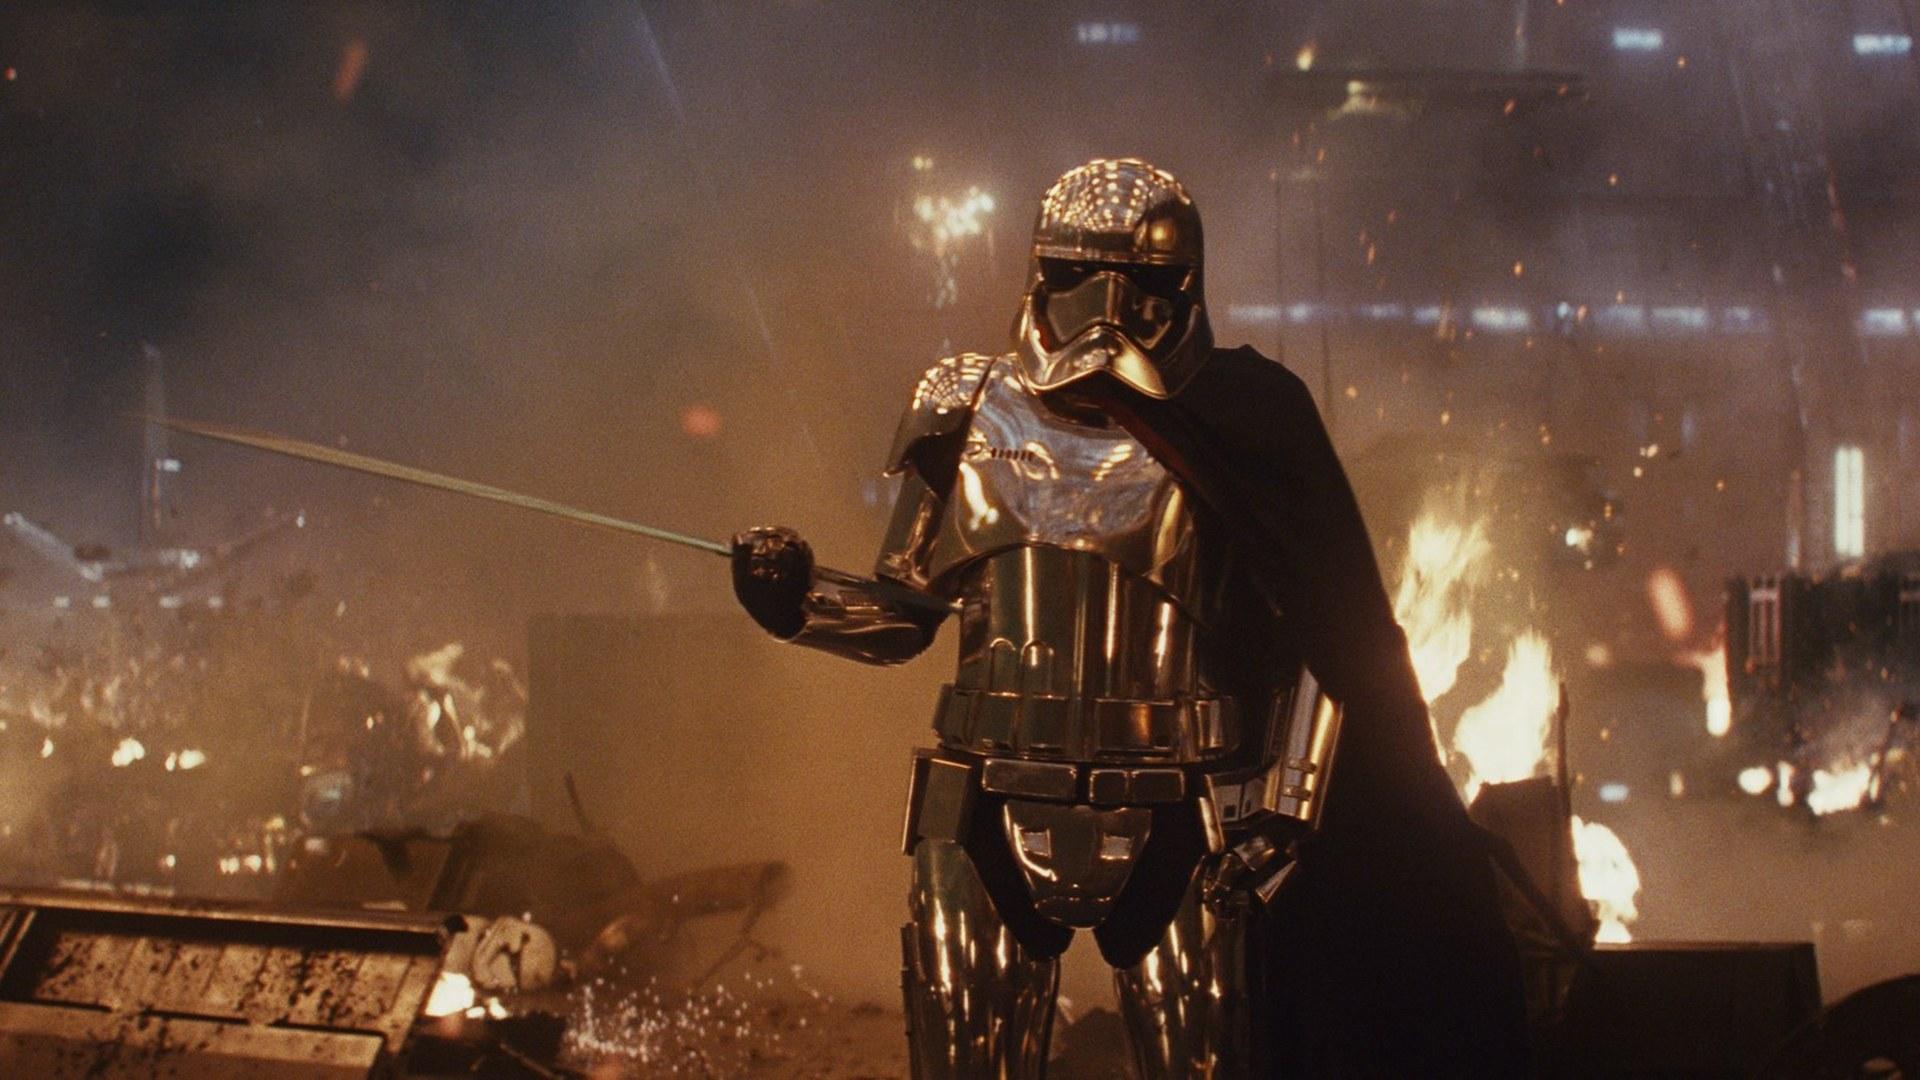 Captain Phasma in Star Wars: The Last Jedi